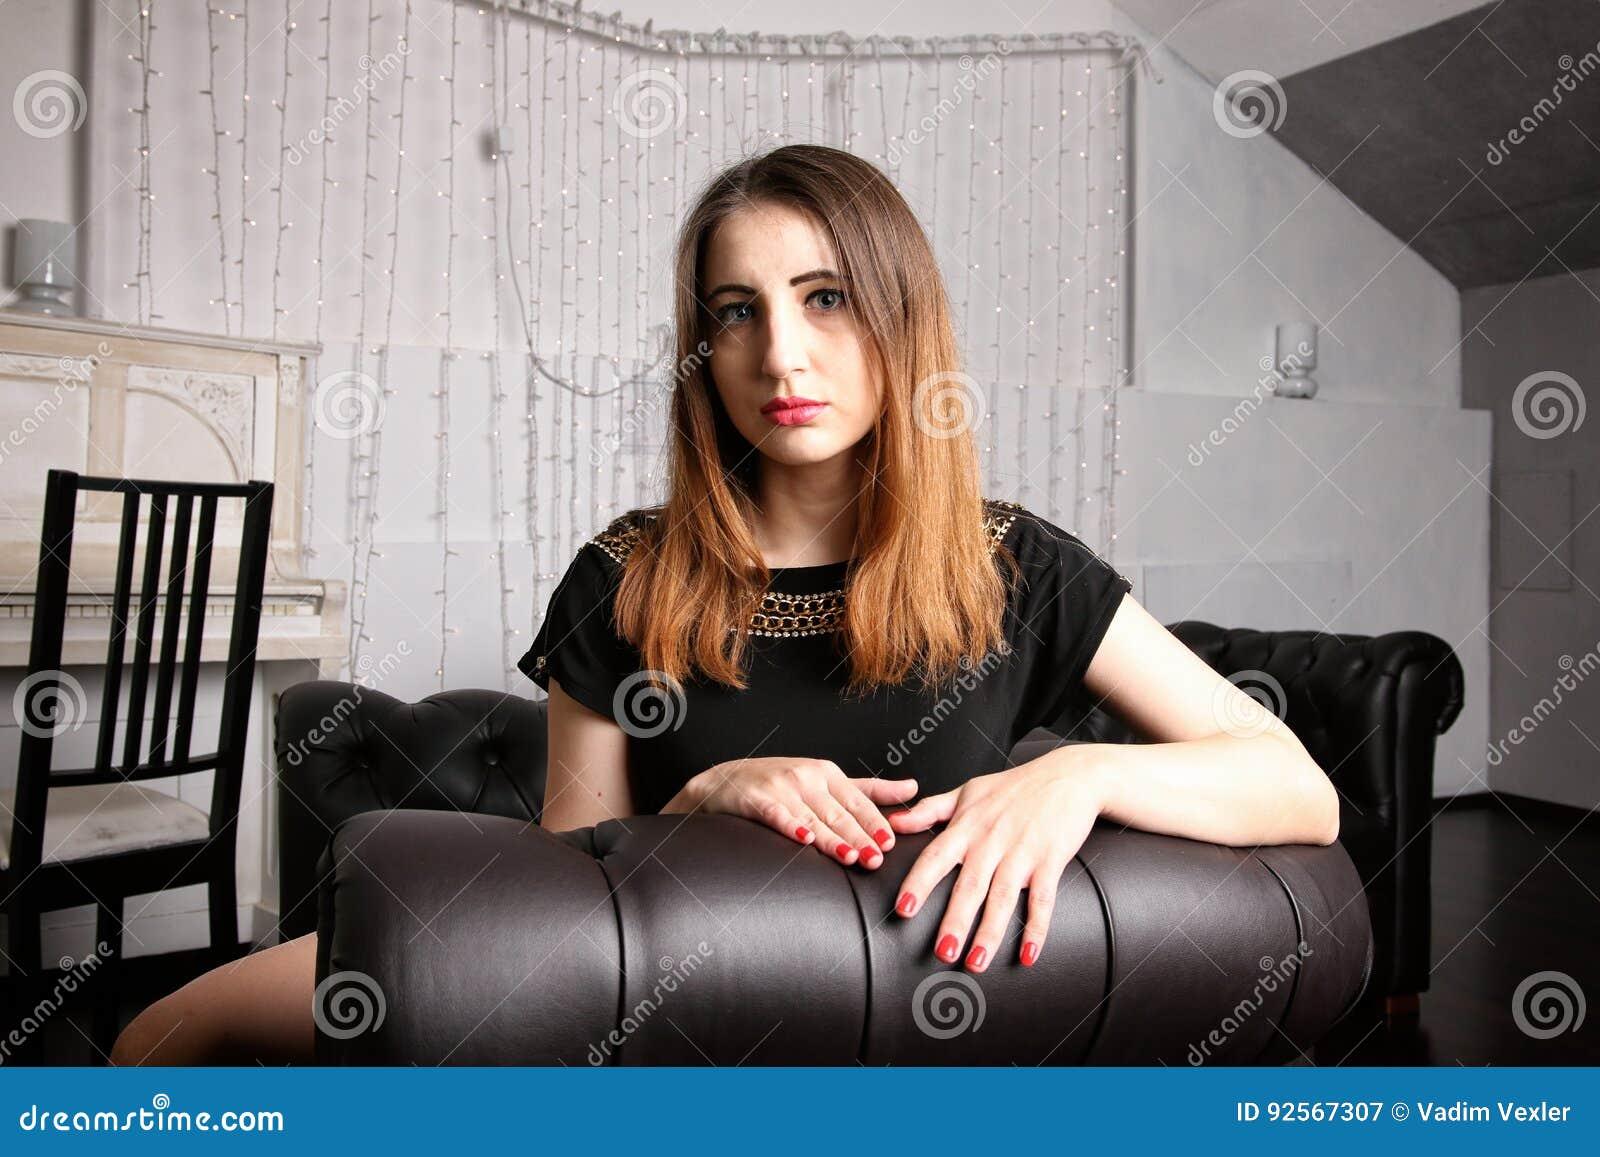 Ragazza sconosciuta attivamente nella ricerca messa in sedia di cuoio nera